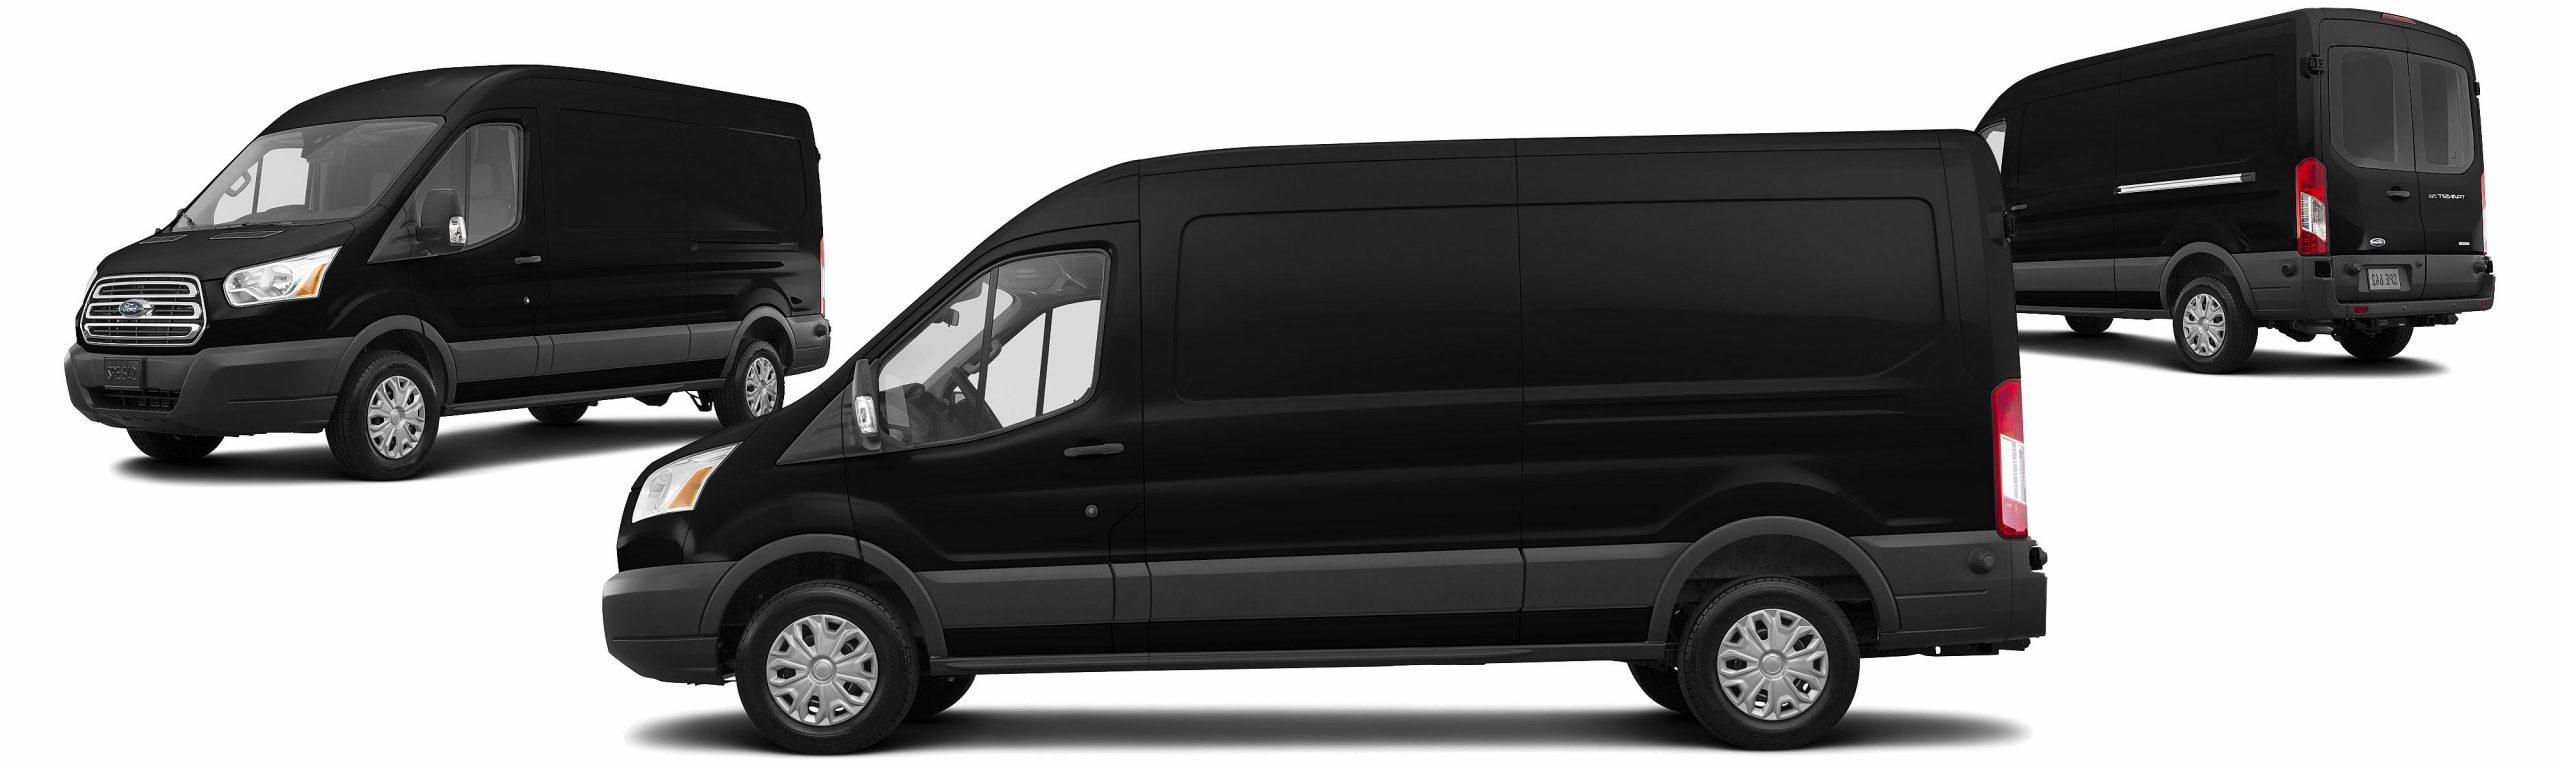 Sprinter Van Service Sprinter Limo Executive Sprinter Sprinter